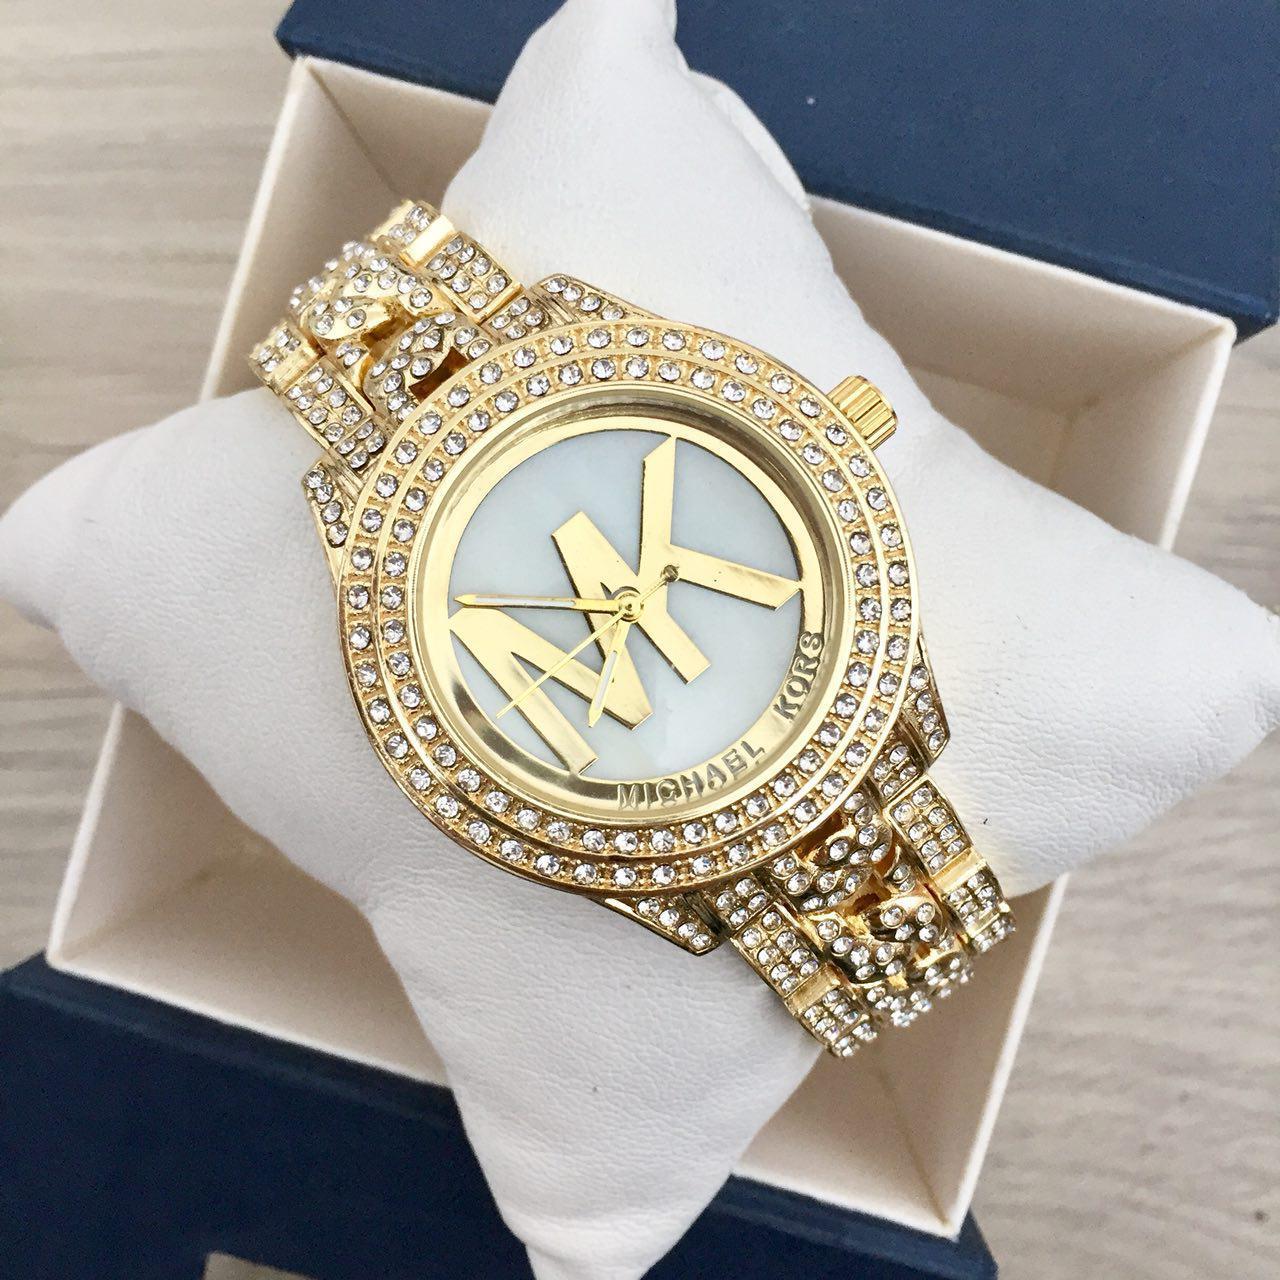 Наручные женские часы Michael Kors 6449 Gold